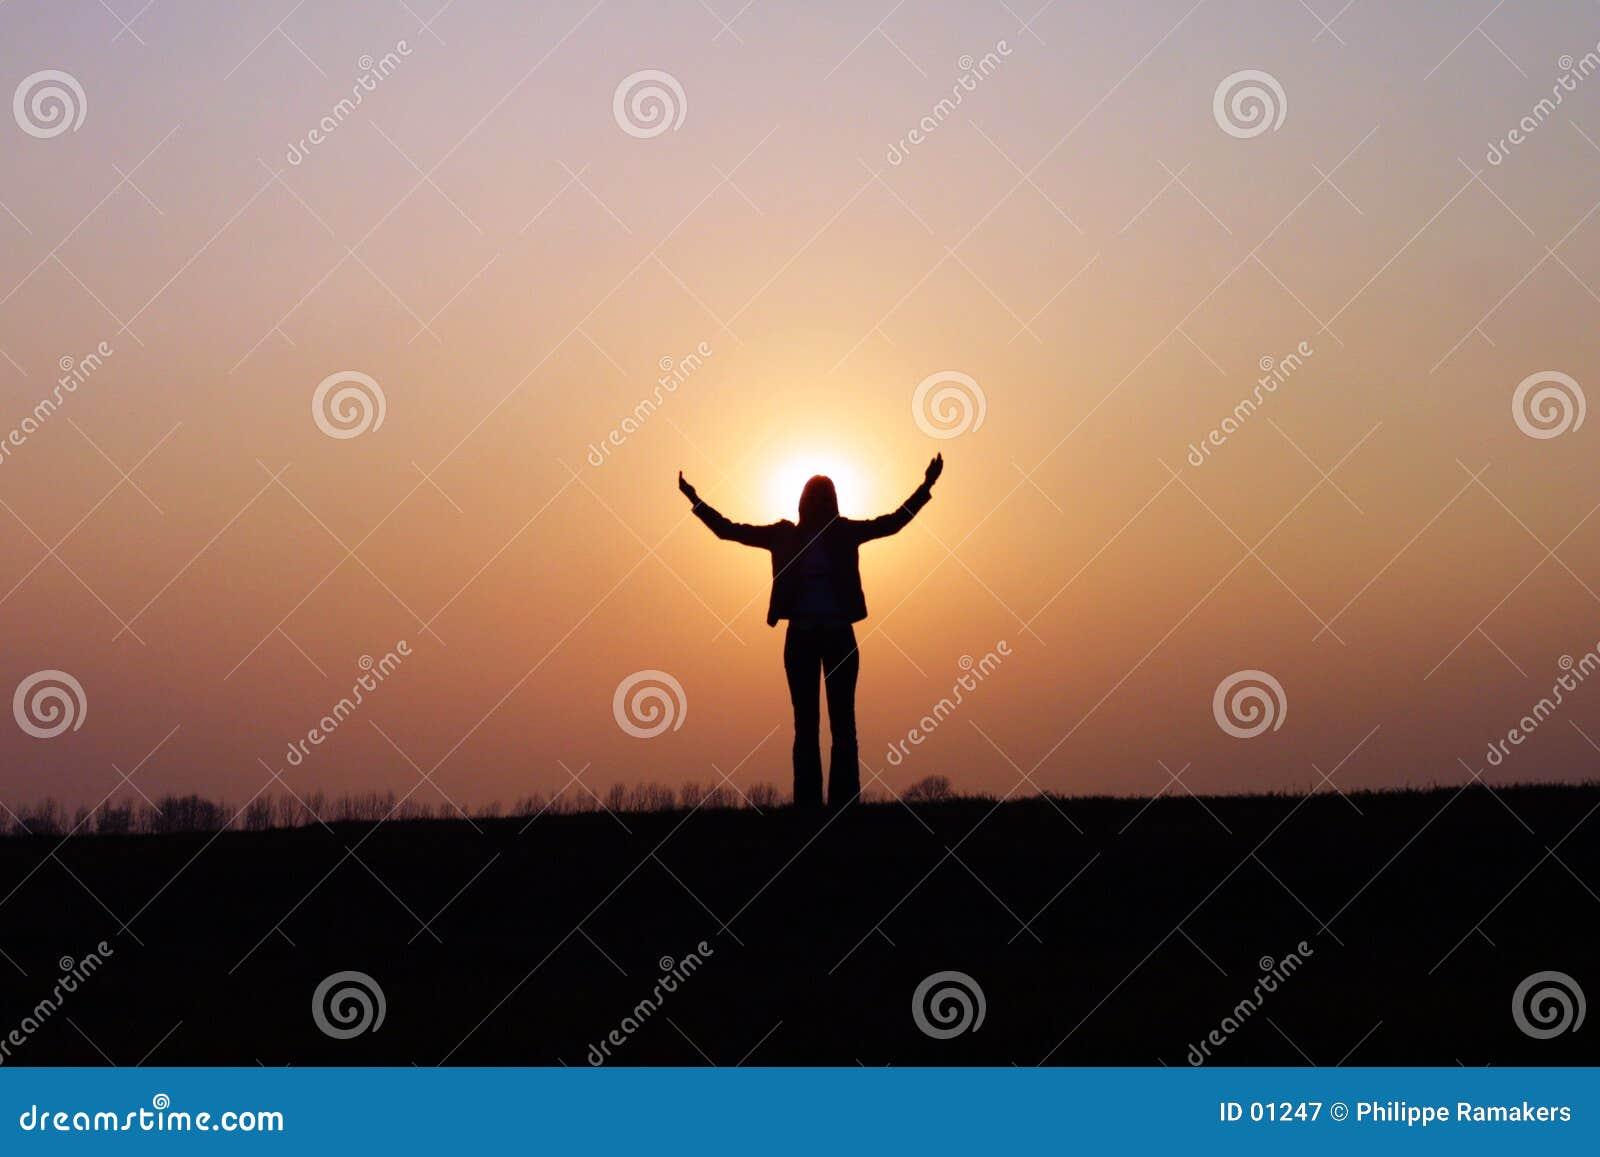 Luz do sol bem-vinda